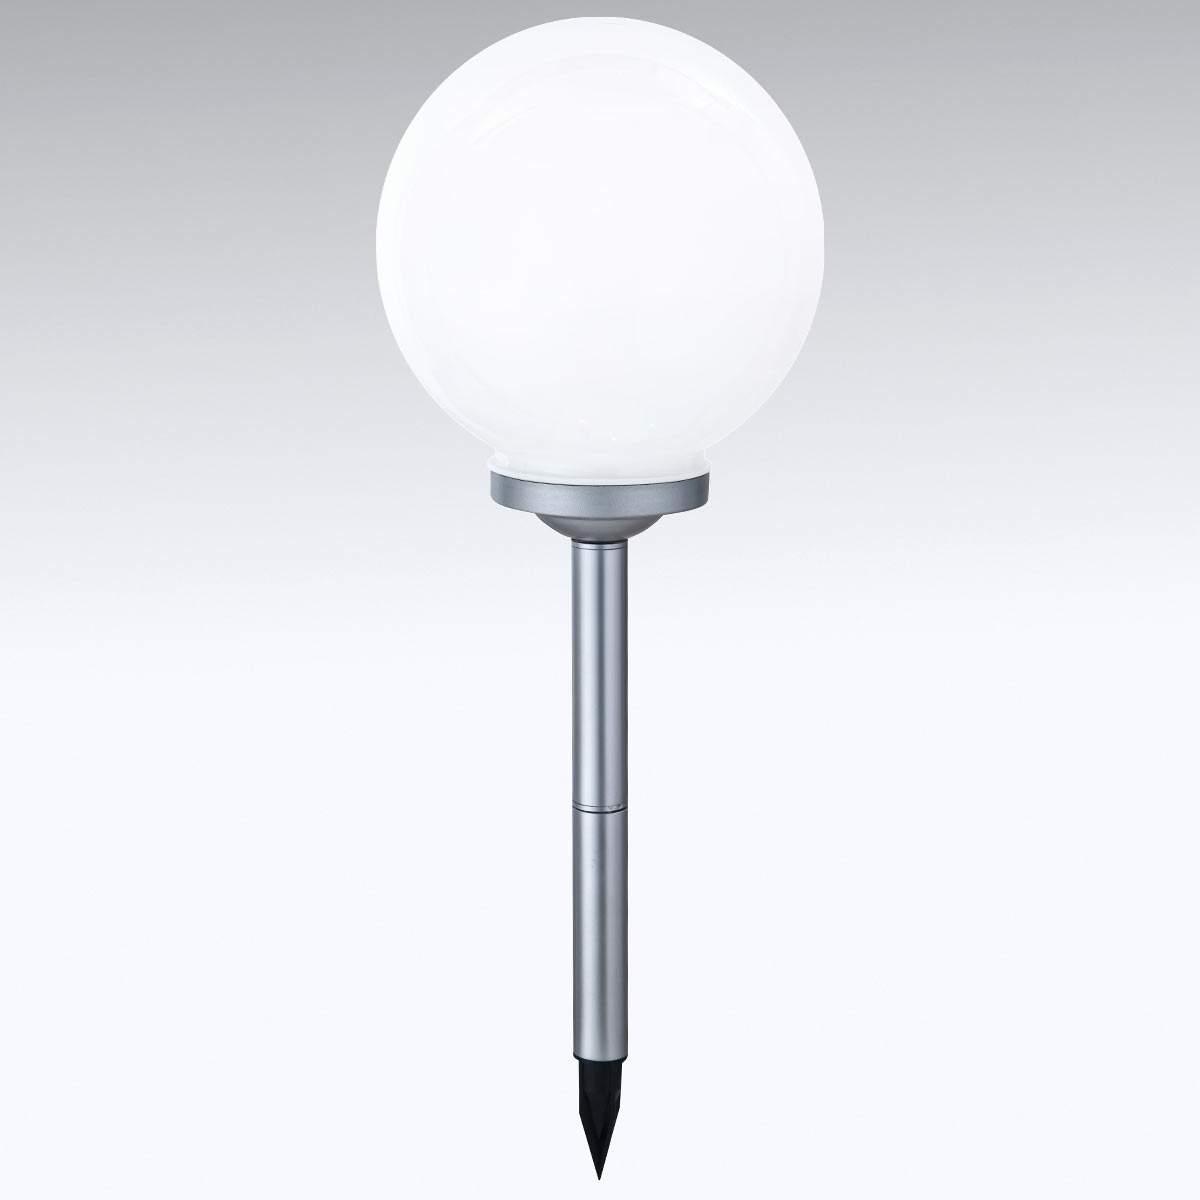 Lampada LED solare Ball multicolore con picchetto Illuminazione per interni